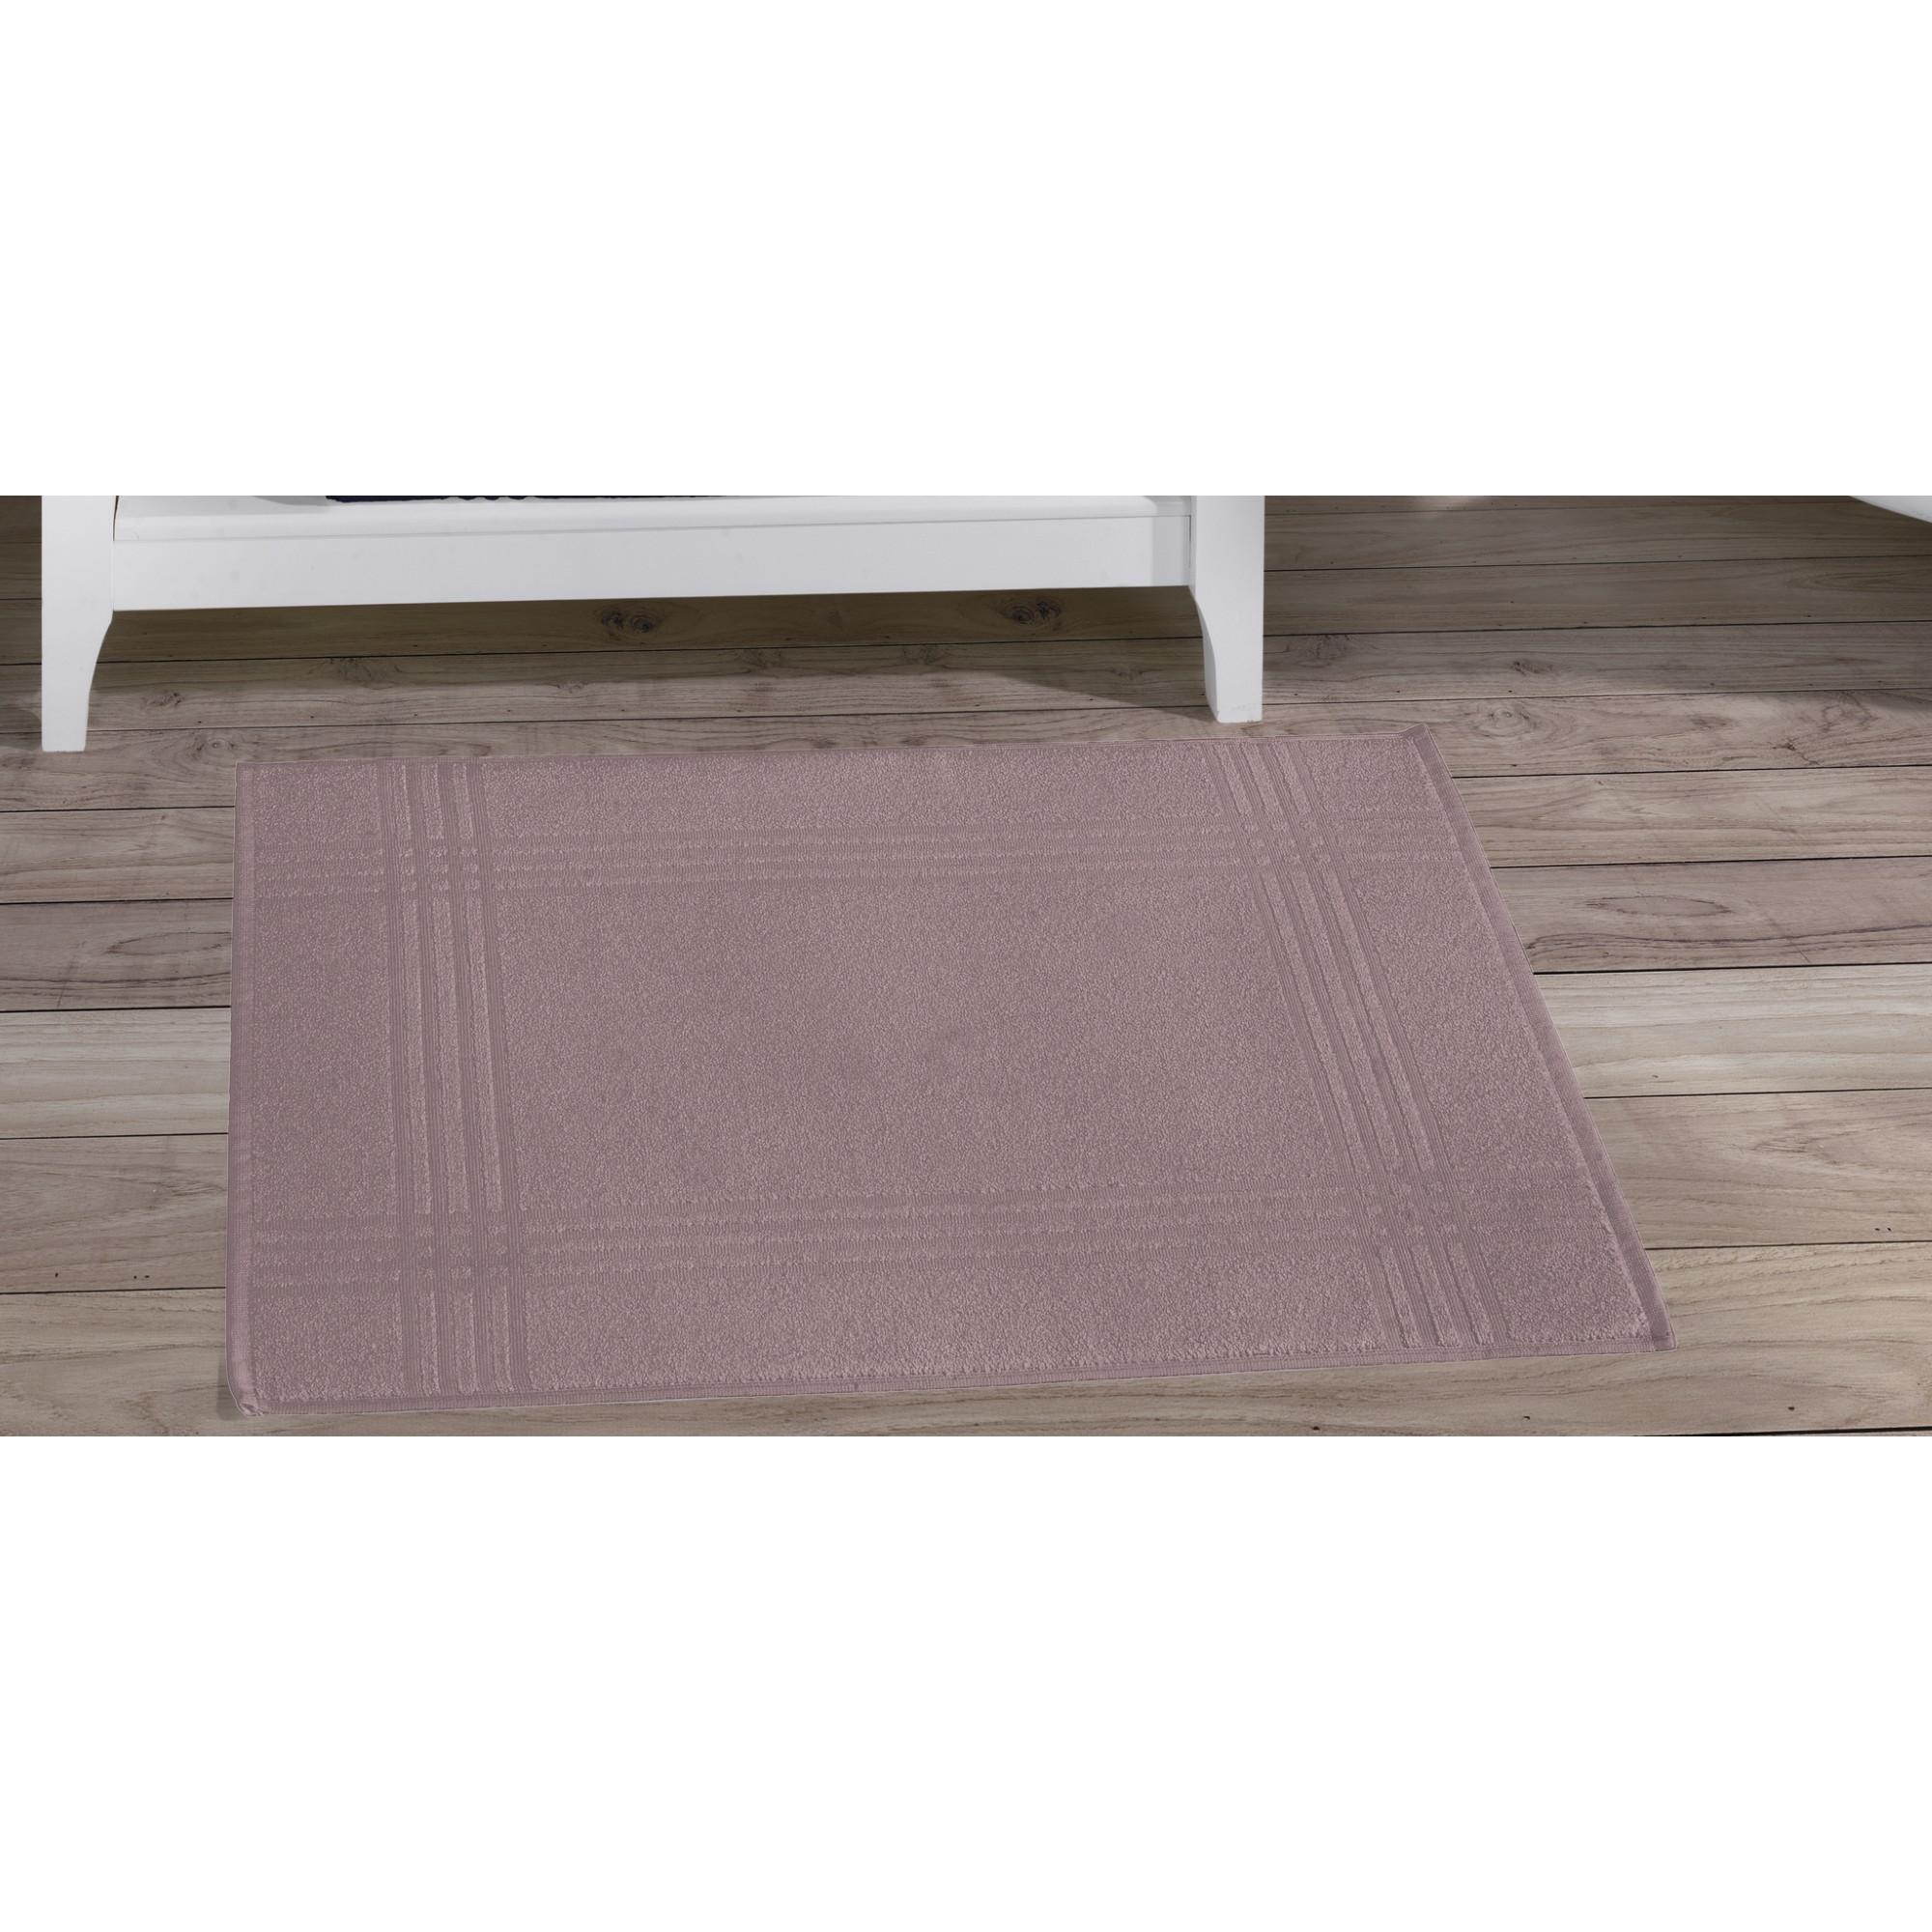 Toalha de Piso Tramas 50 x 70 cm 100 algodao Rose - Buettner